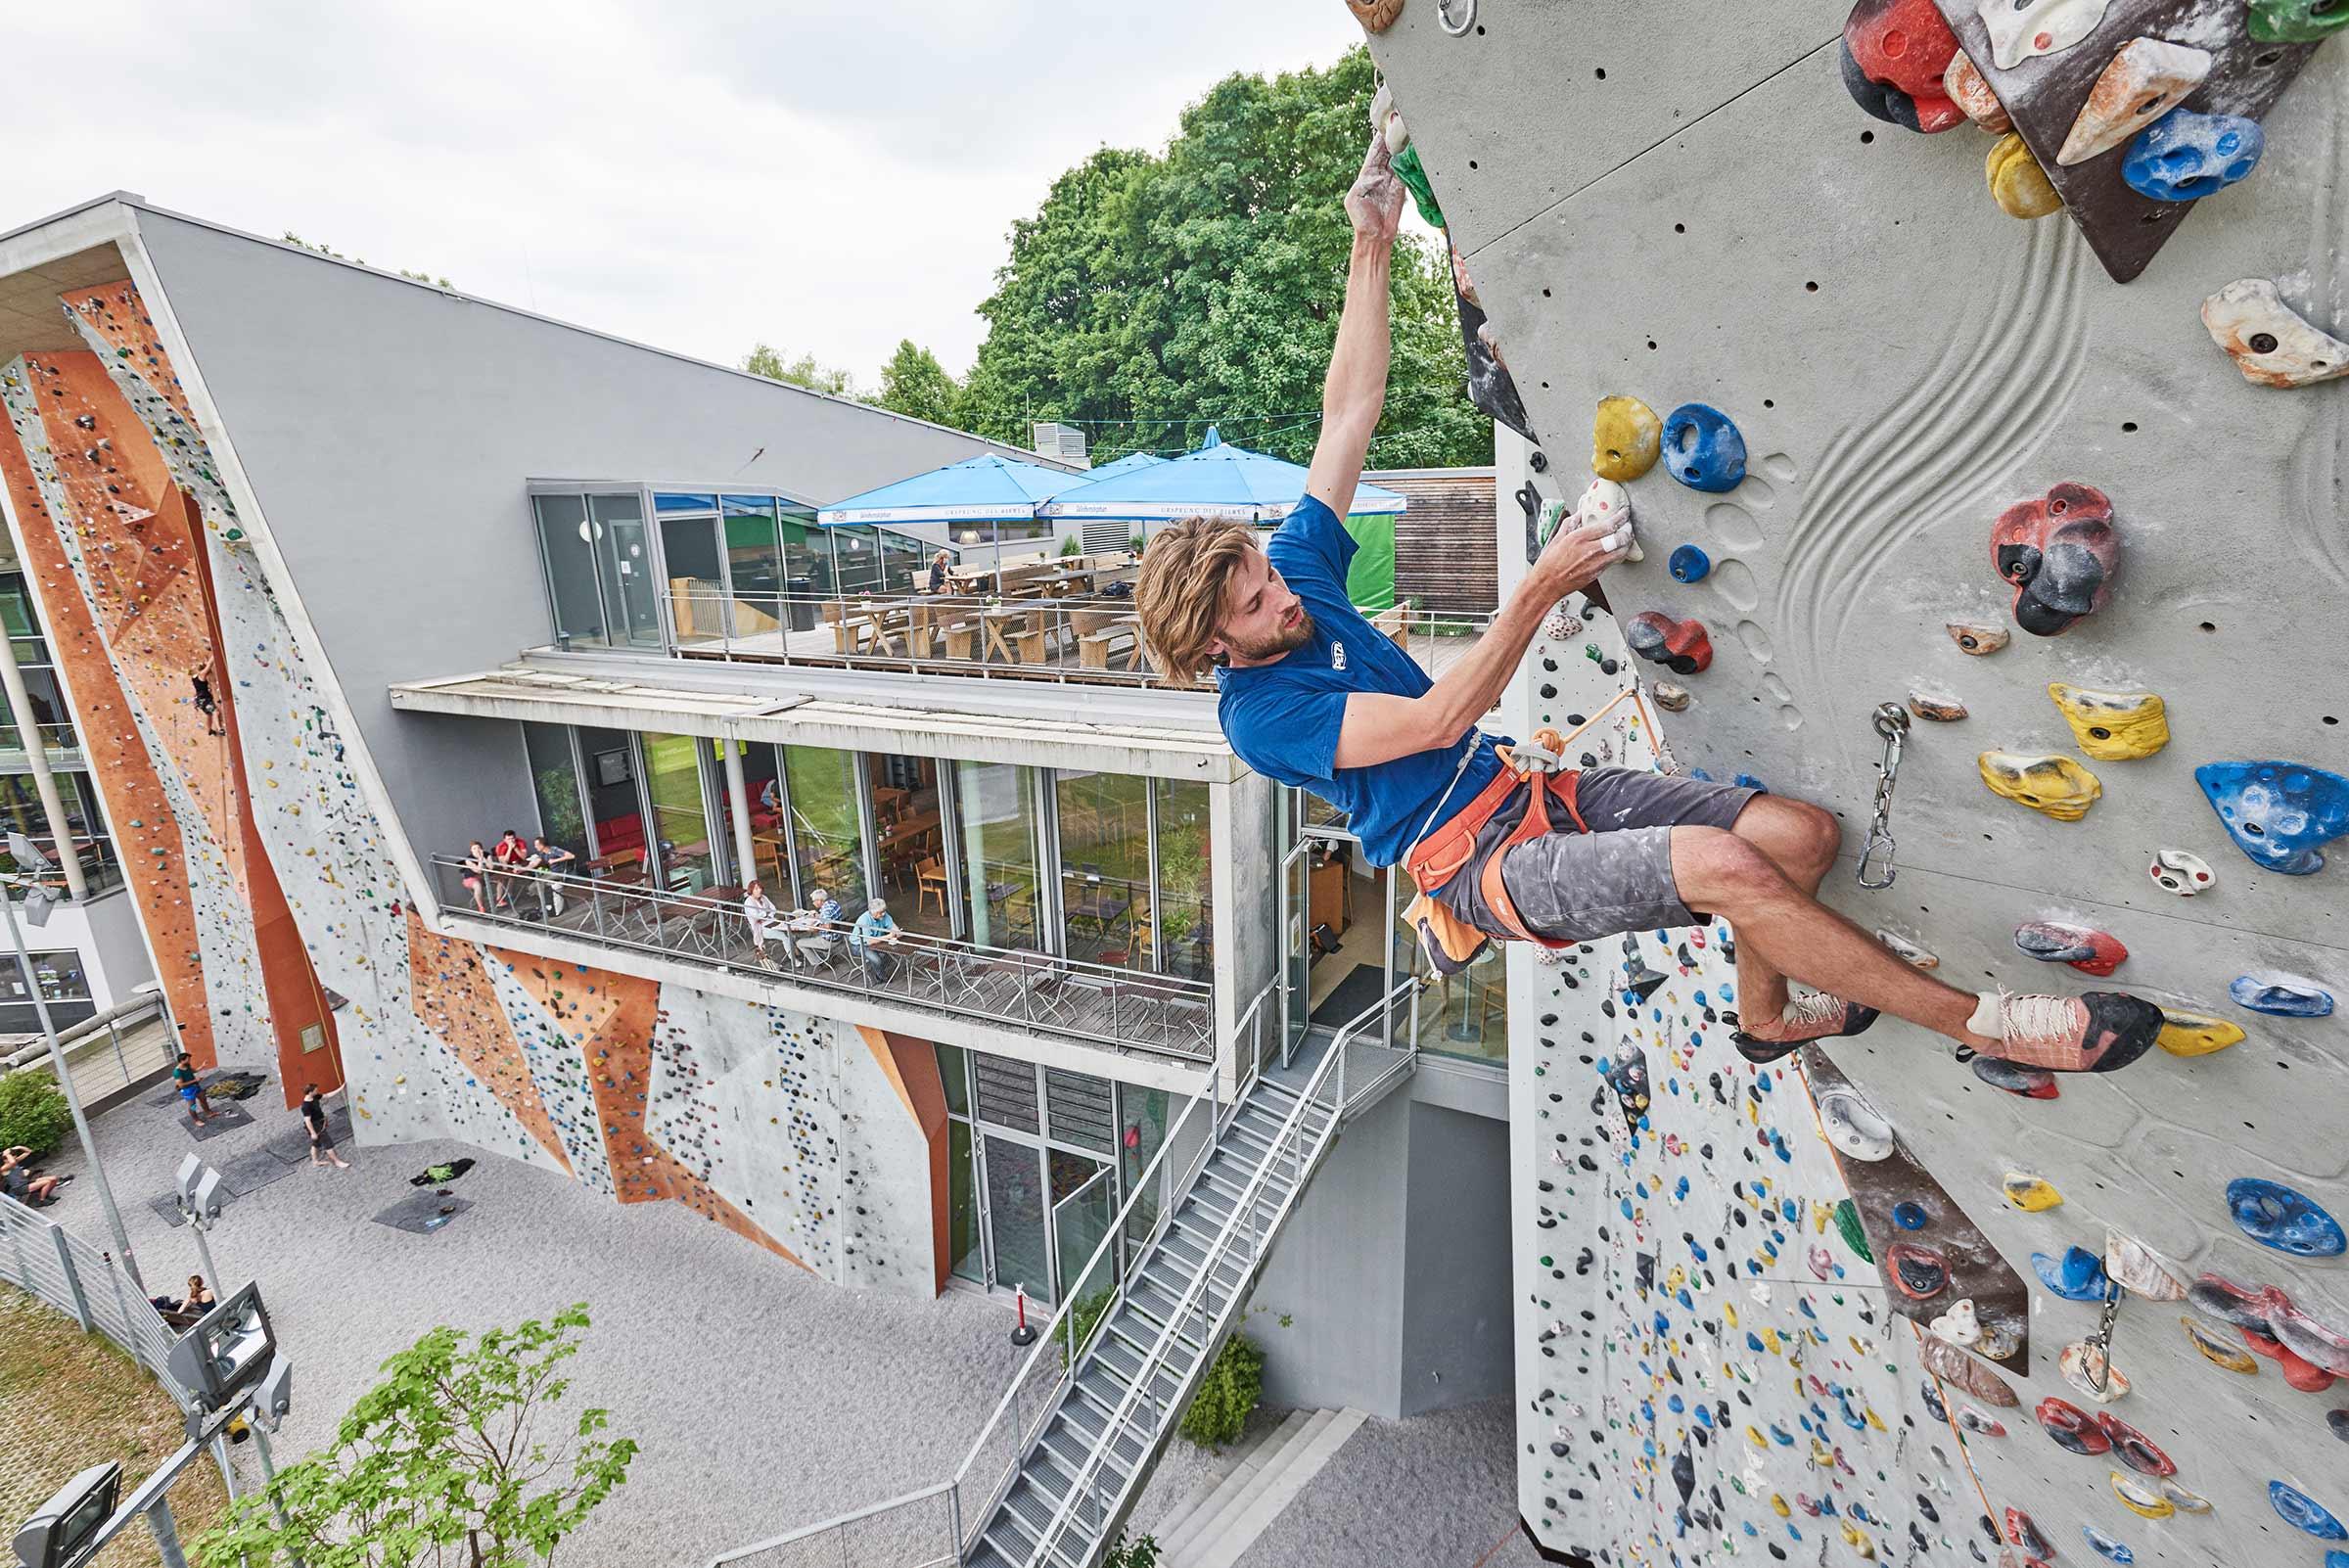 Klettern an der frischen Luft im Outdoor-Bereich in Thalkirchen